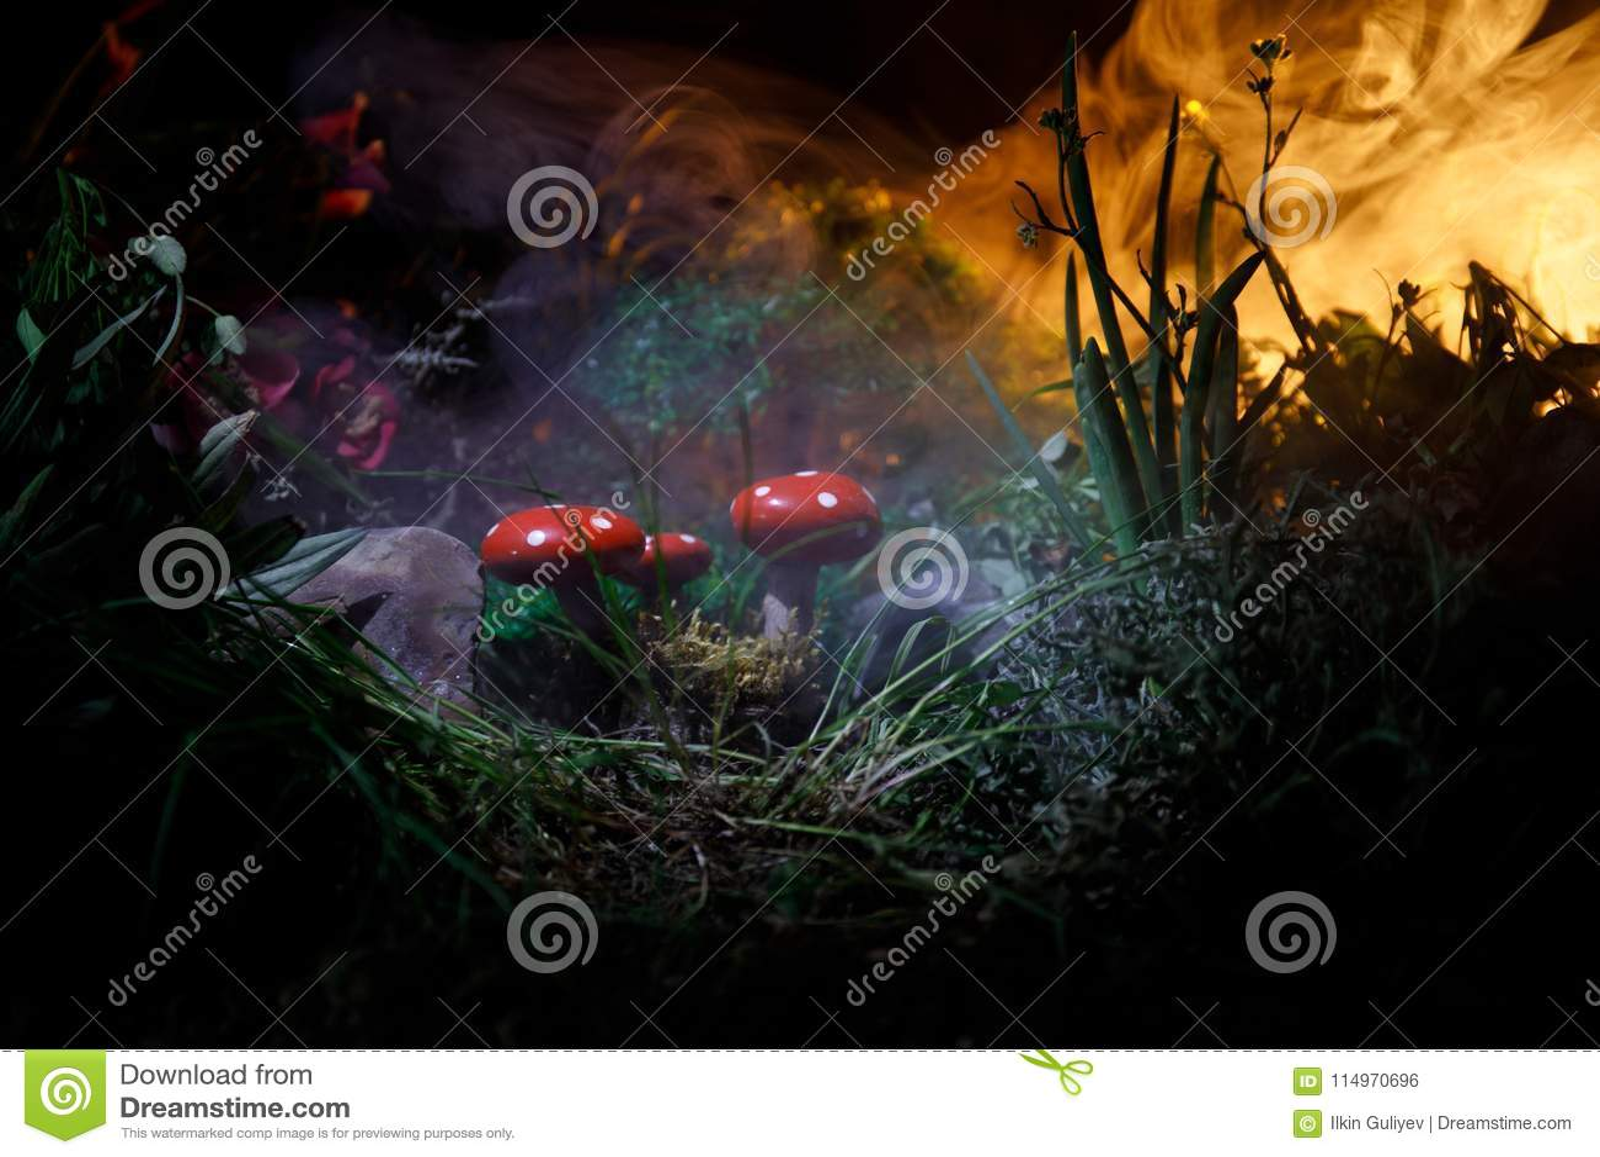 Paddestoel Fantasie Gloeiende Paddestoelen in geheimzinnigheid donker bosclose-up Amanietmuscaria, Vliegplaatzwam in mos in bos M